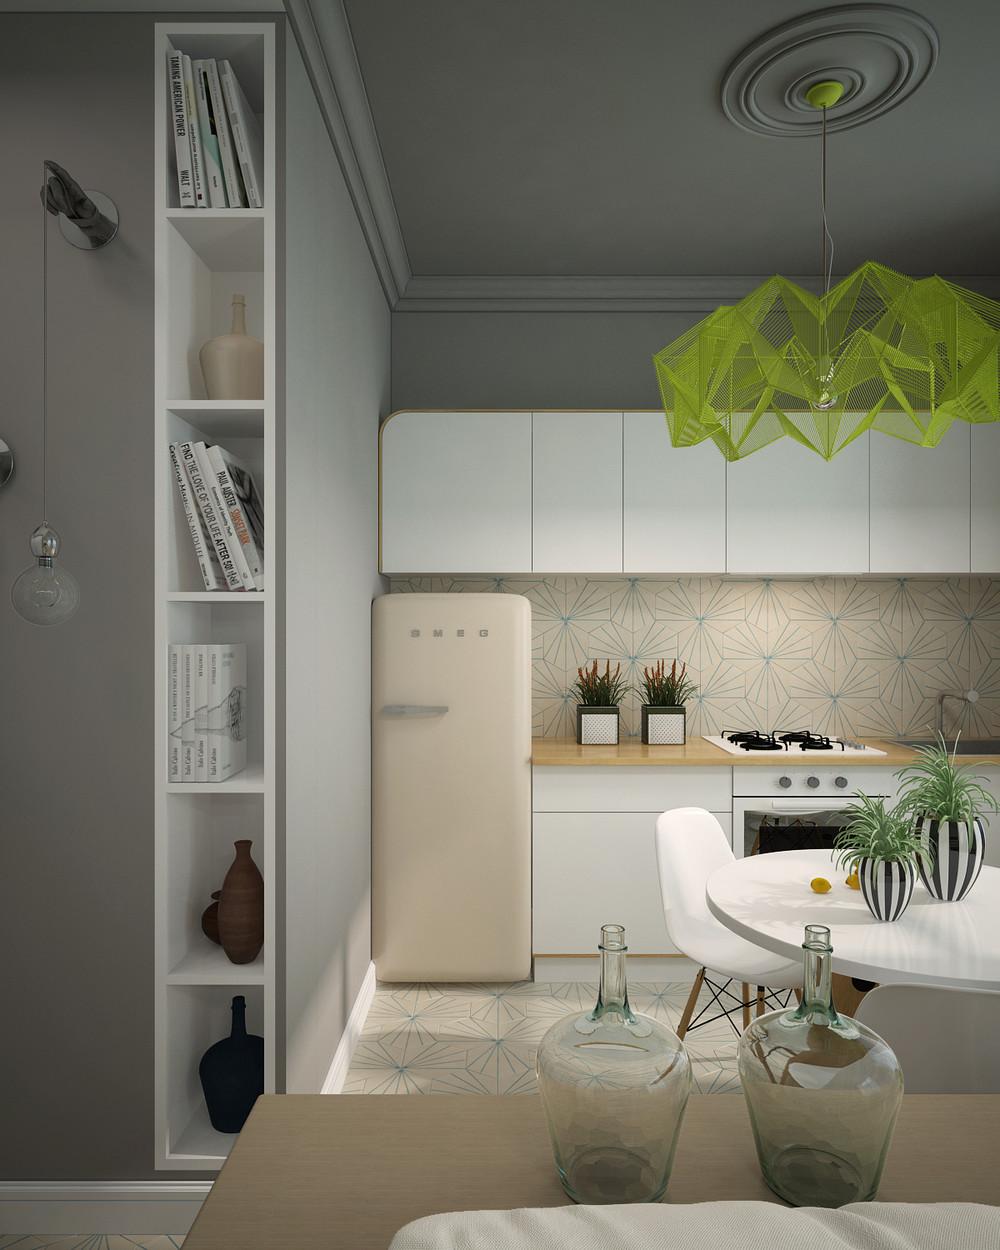 Дизайн кухни с яркими акцентами - фото 2